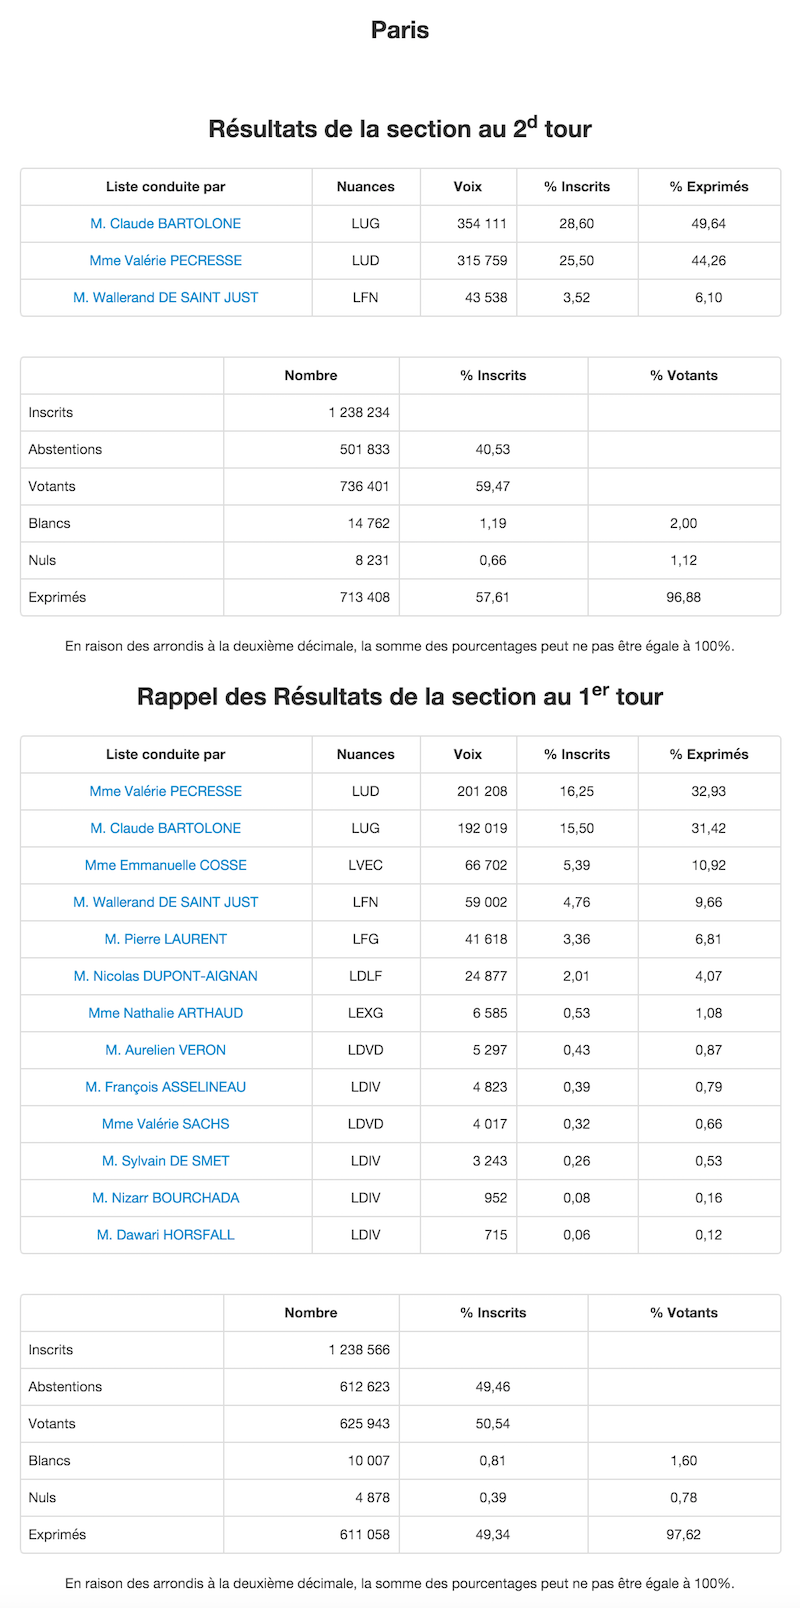 Régionales 2015 et 2010 dans le 10e arrondissement de Paris